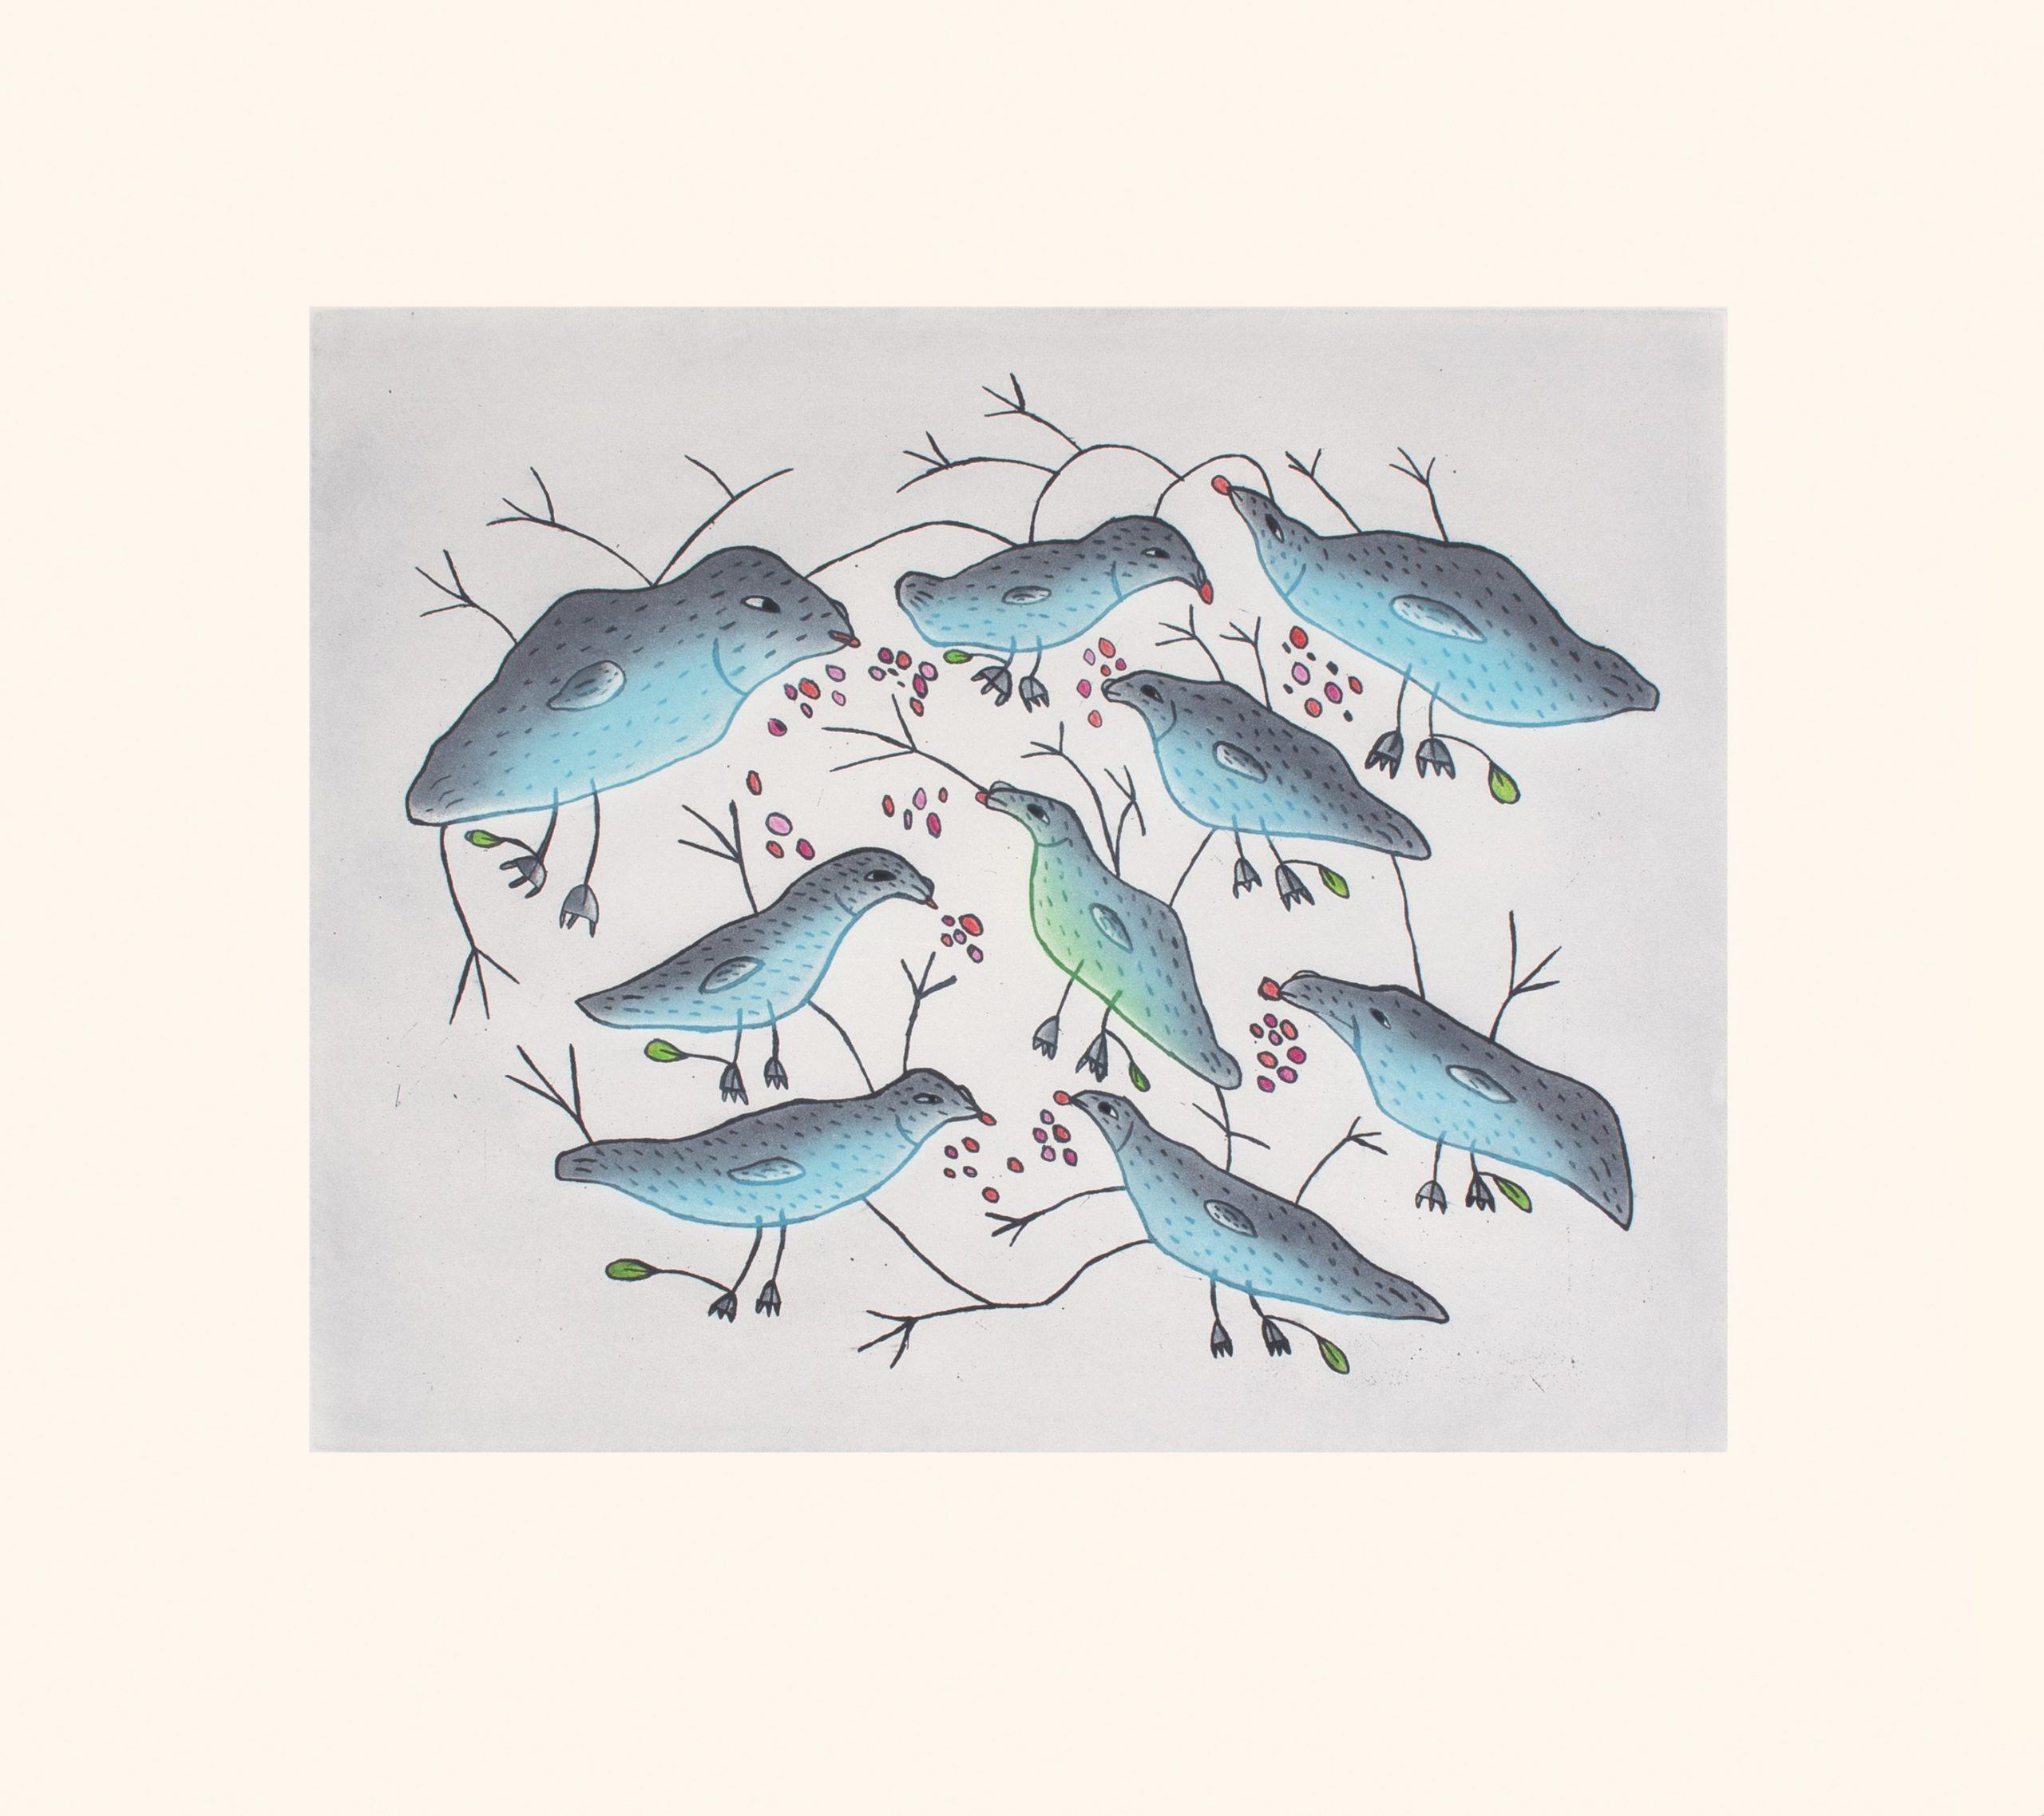 Birds Eating Berries - Malaija Pootoogook